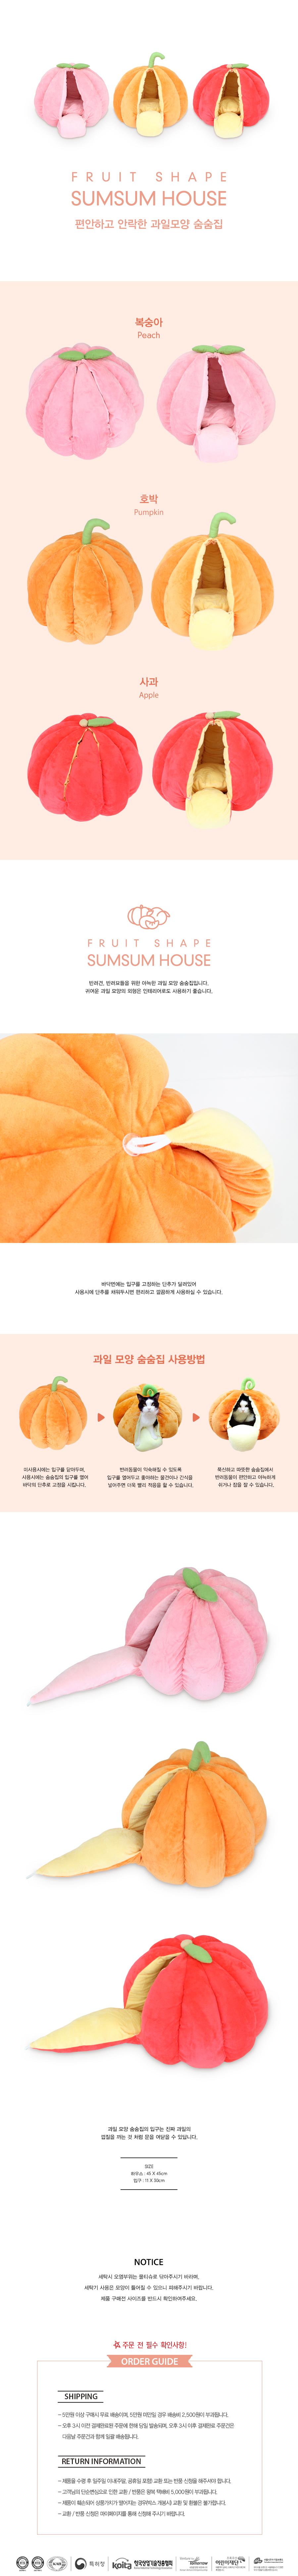 과일 숨숨집 고양이 하우스 복숭아 사과 호박 - 도그웨그, 26,900원, 하우스/캣타워, 하우스